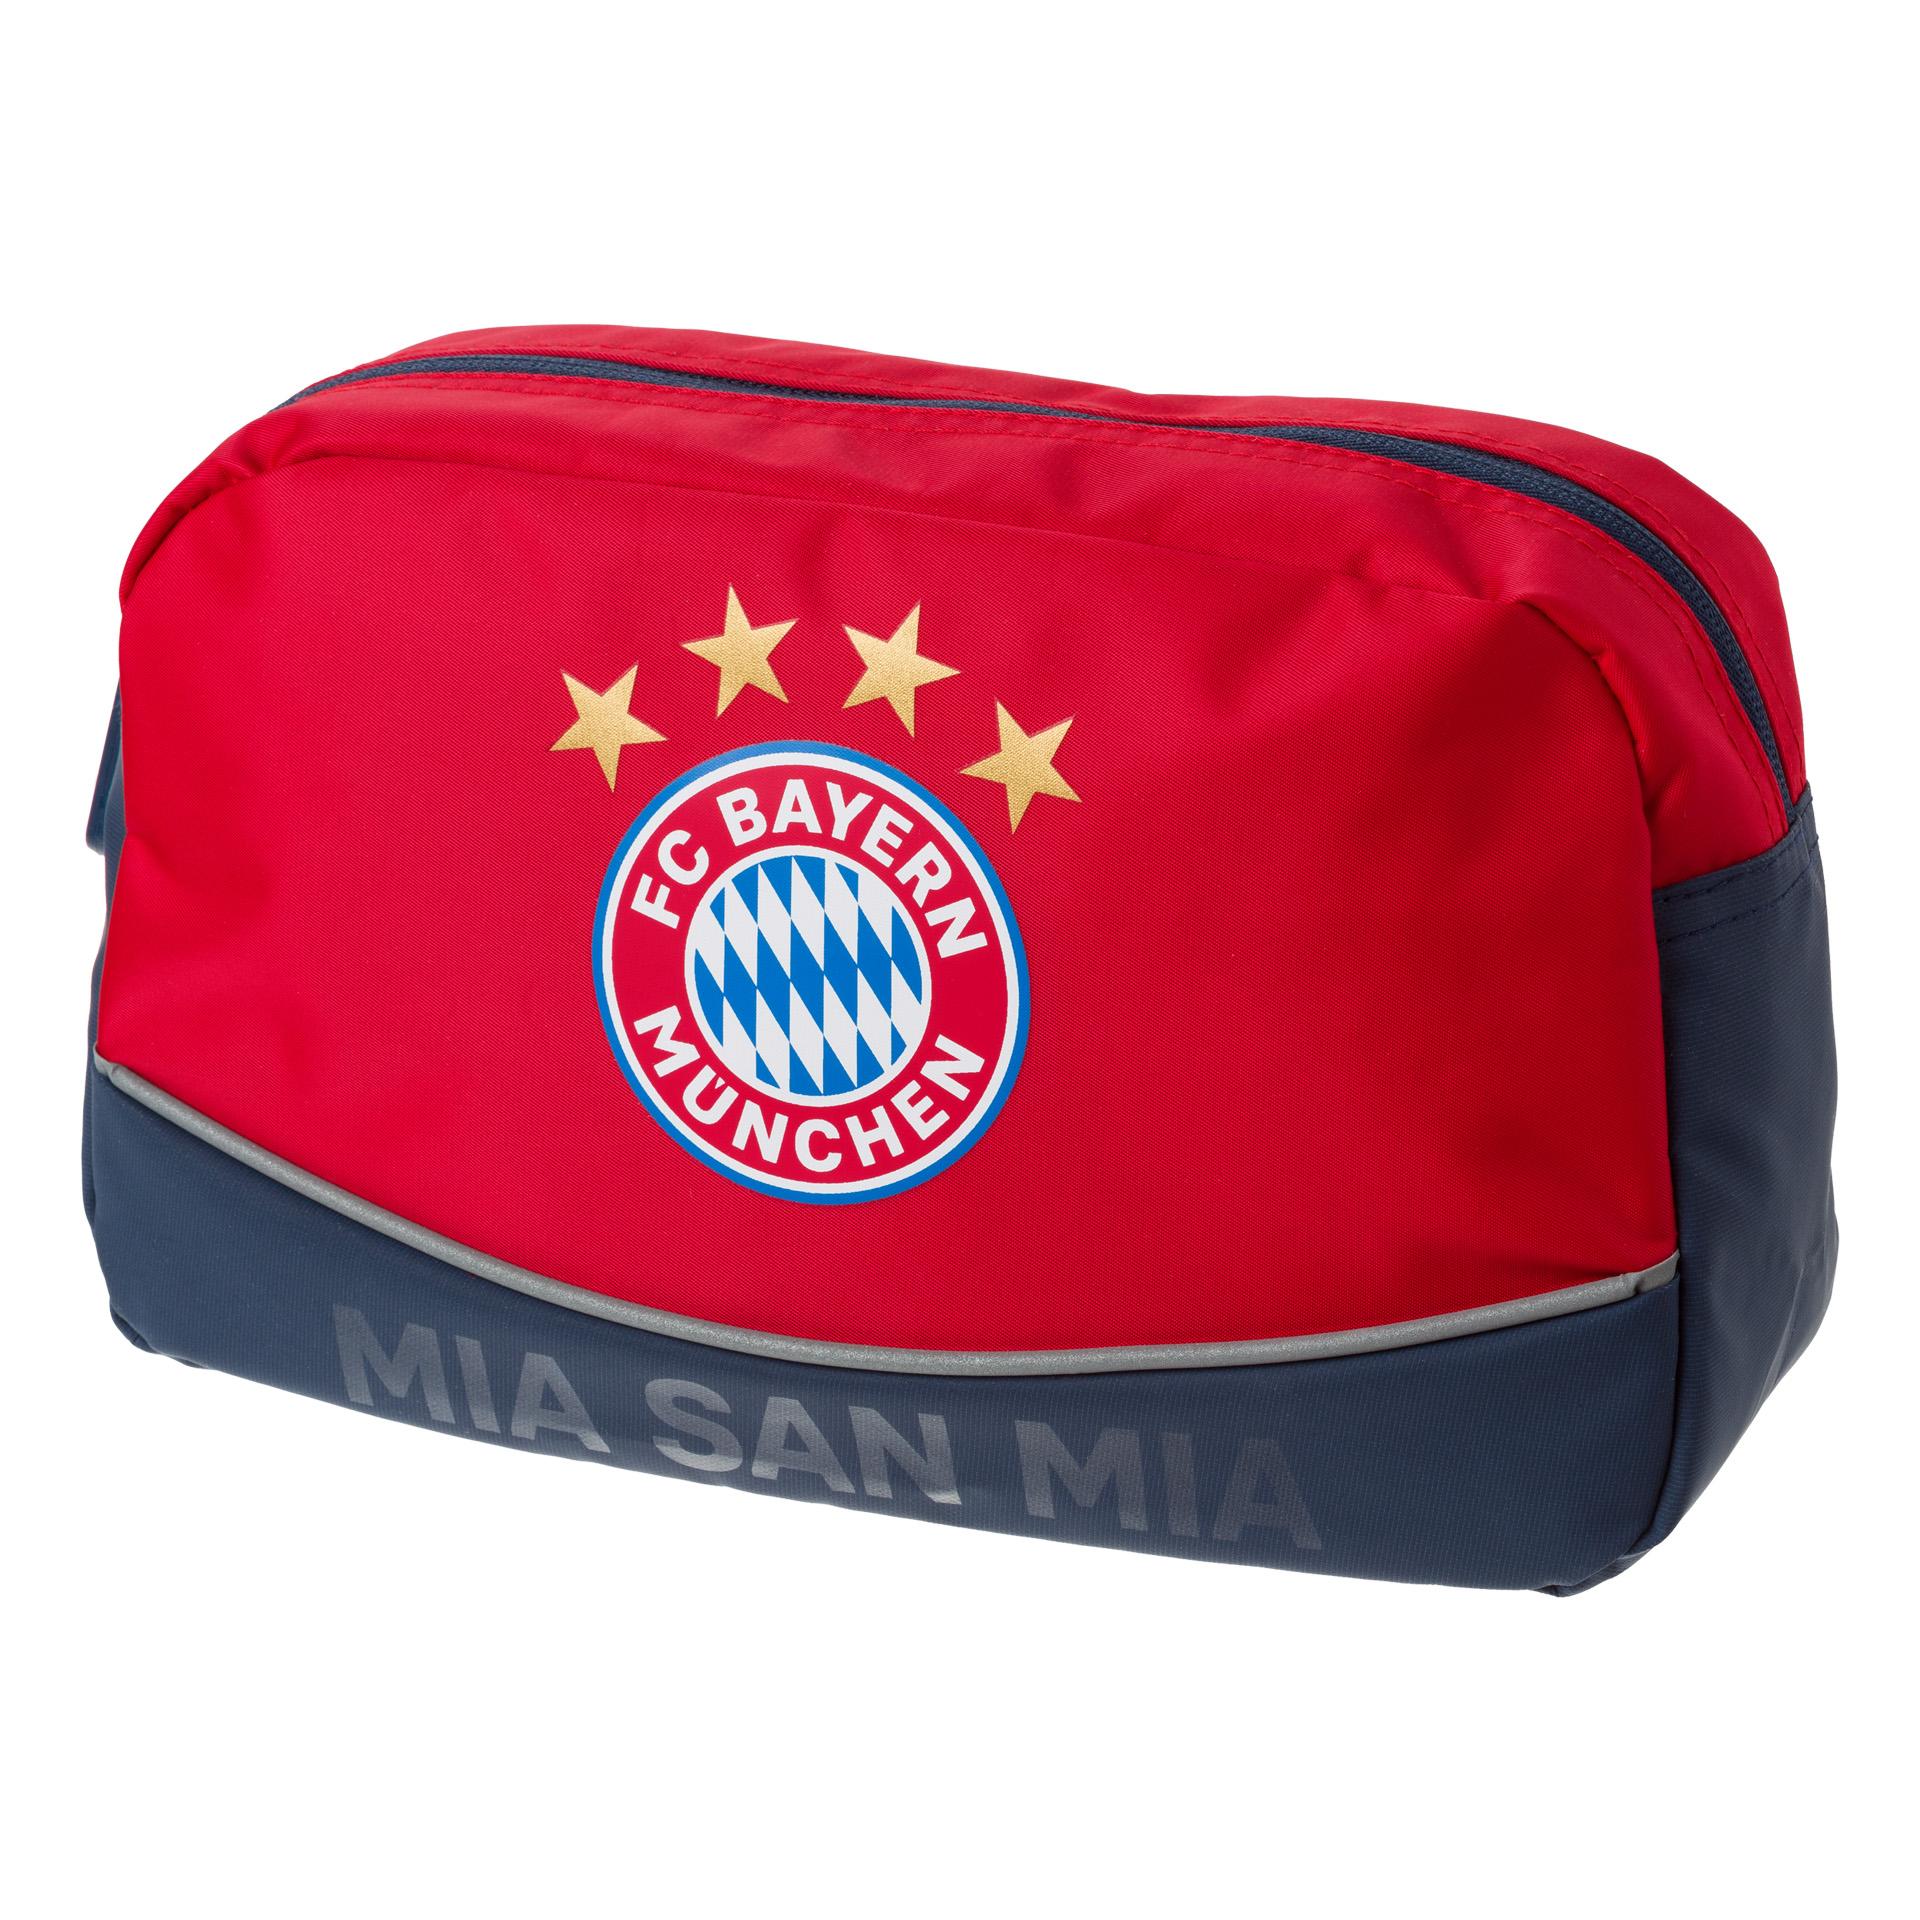 FC Bayern Kulturbeutel Mia San Mia